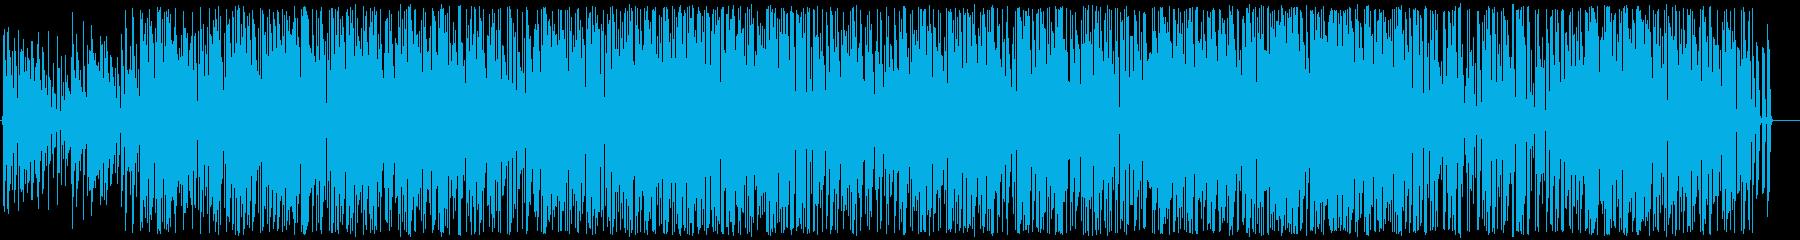 さわやかボッサの再生済みの波形